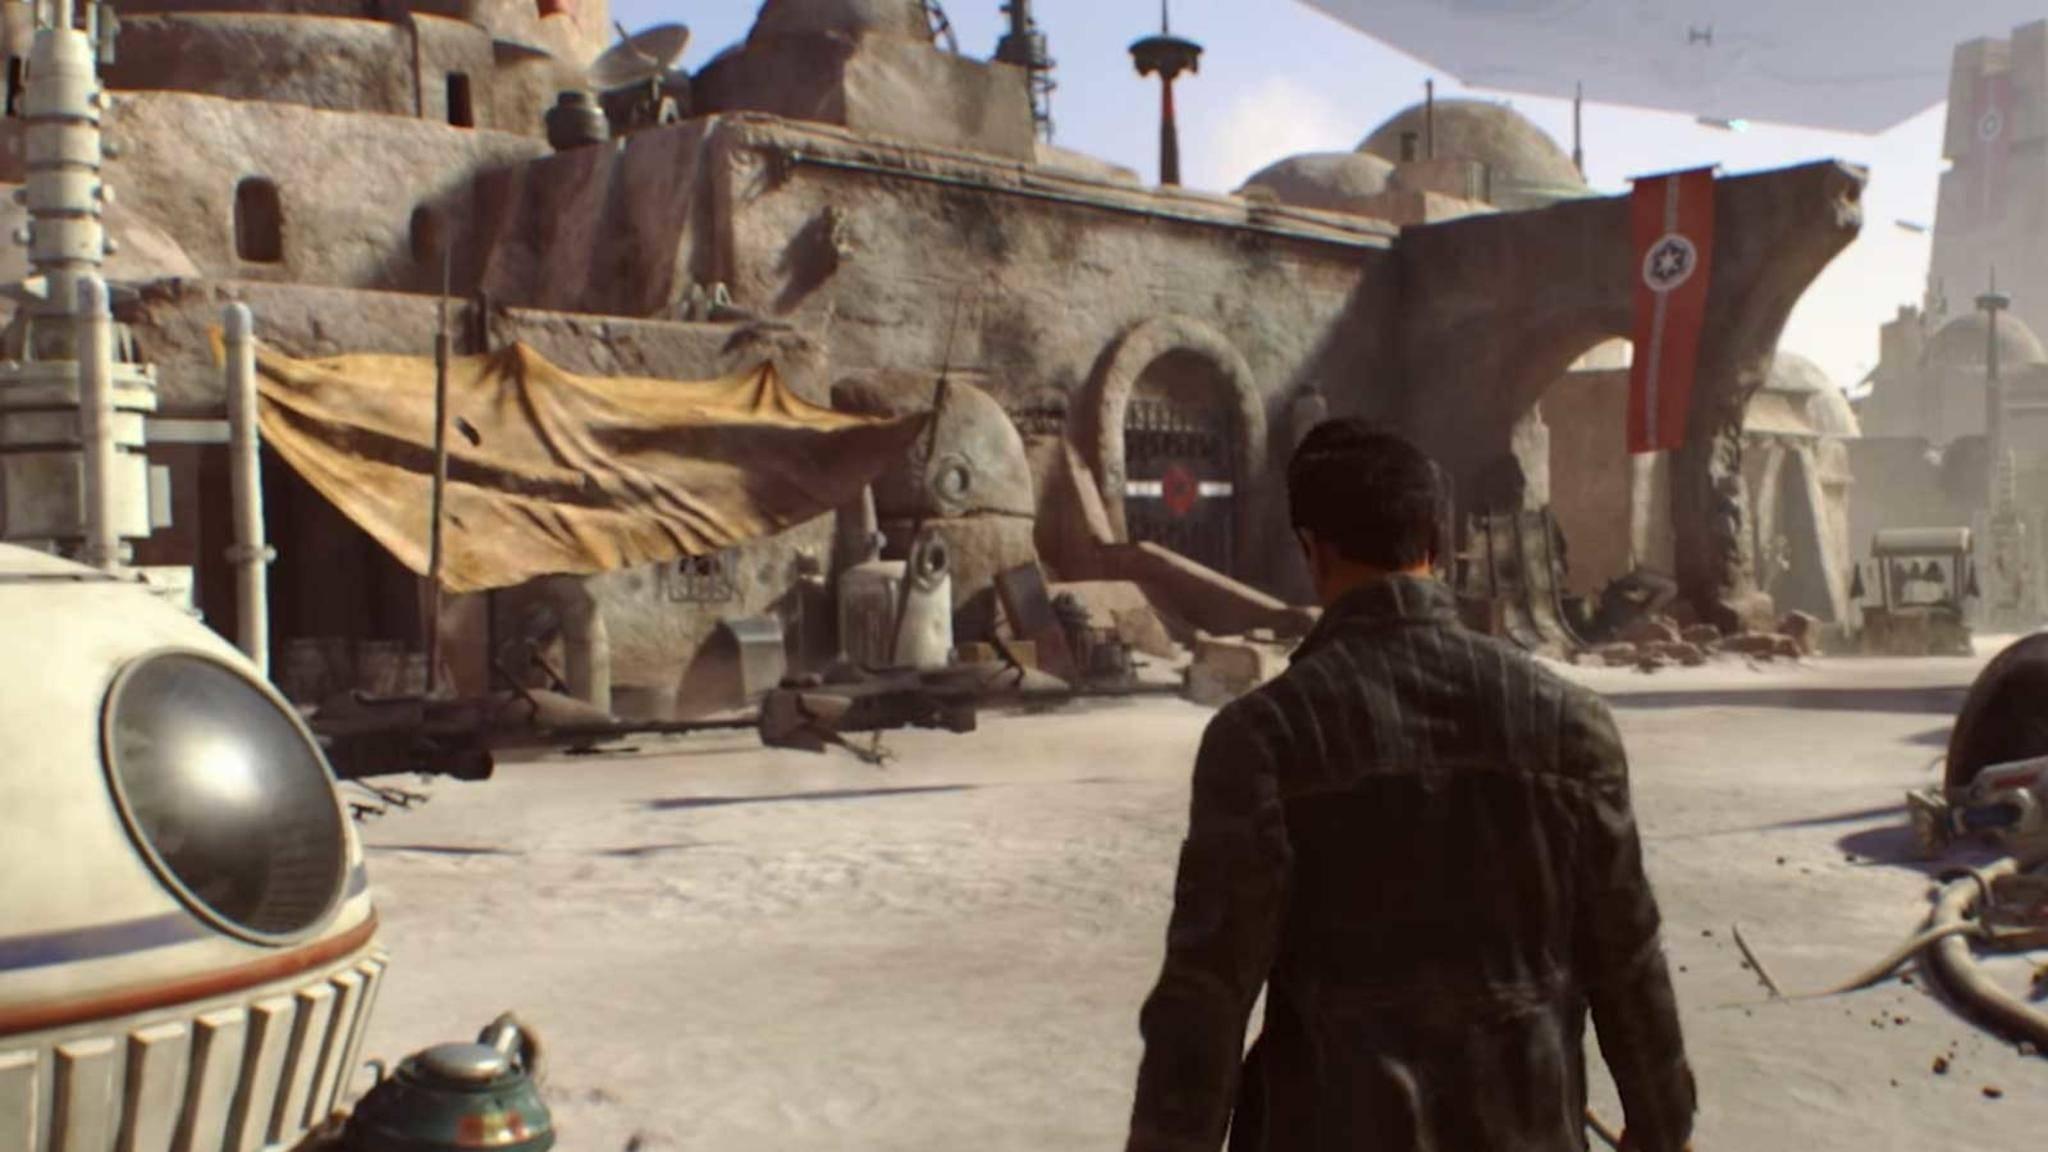 """Abgesehen von wenigen Screenshots ist kaum etwas über das """"Star Wars""""-Spiel bekannt, an dem Visceral Games bis zuletzt arbeitetet"""